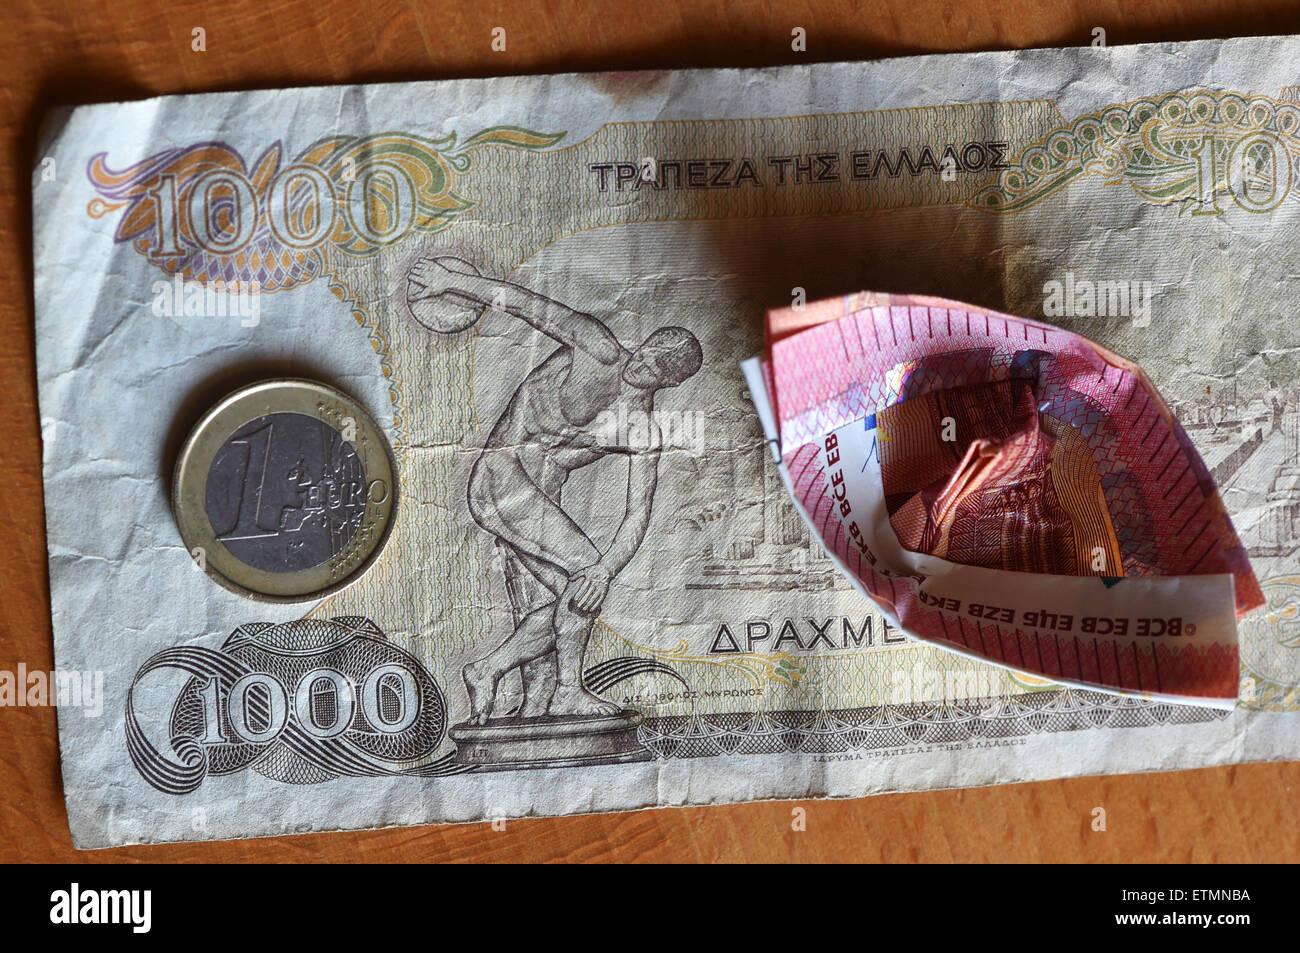 Berlín, Alemania. El 14 de junio de 2015. Ilustración - una moneda en euros y a 10 euros el proyecto de ley que ha sido doblada en un barco yace sobre un dracma griego 1000 Bill en Berlín, Alemania, el 14 de junio de 2015. Foto: Jens Kalaene/dpa/Alamy Live News Foto de stock